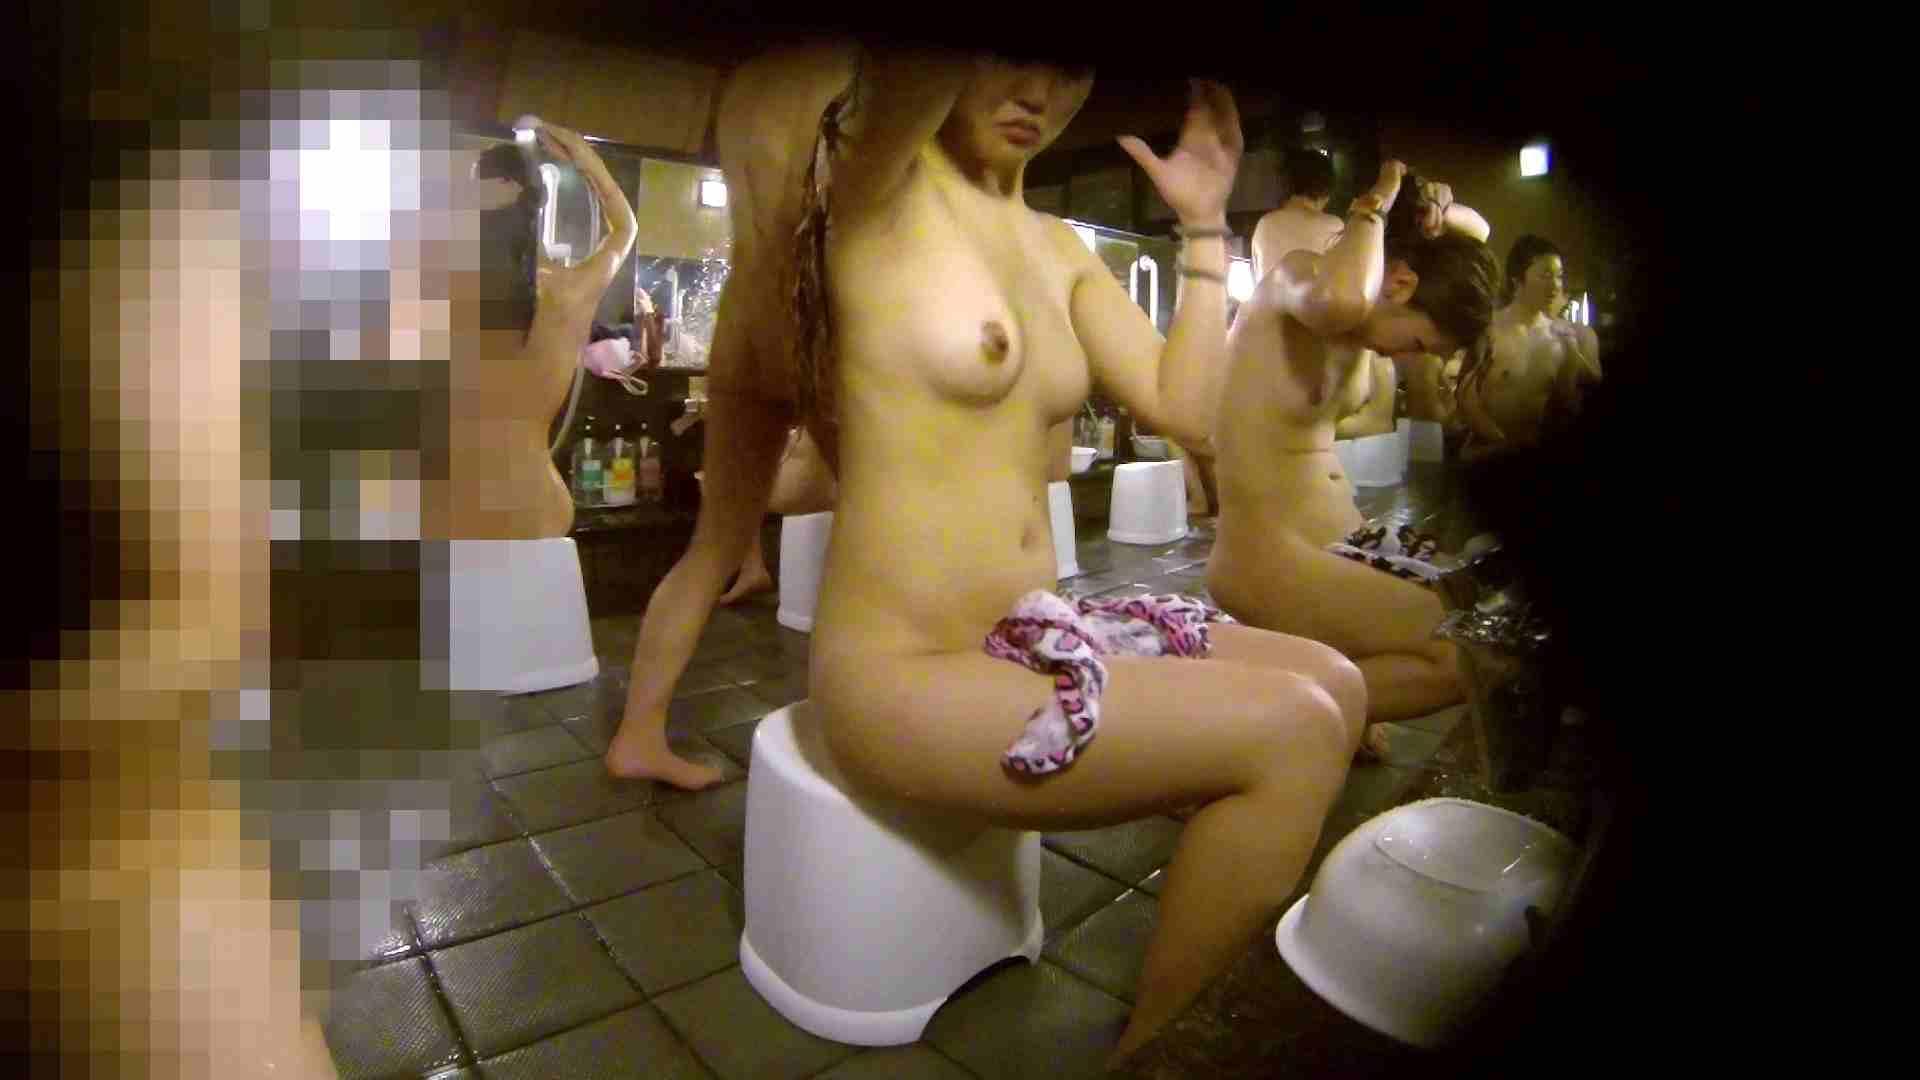 洗い場!ムッチリギャル2人組!ご飯だけでも一緒に行きたい